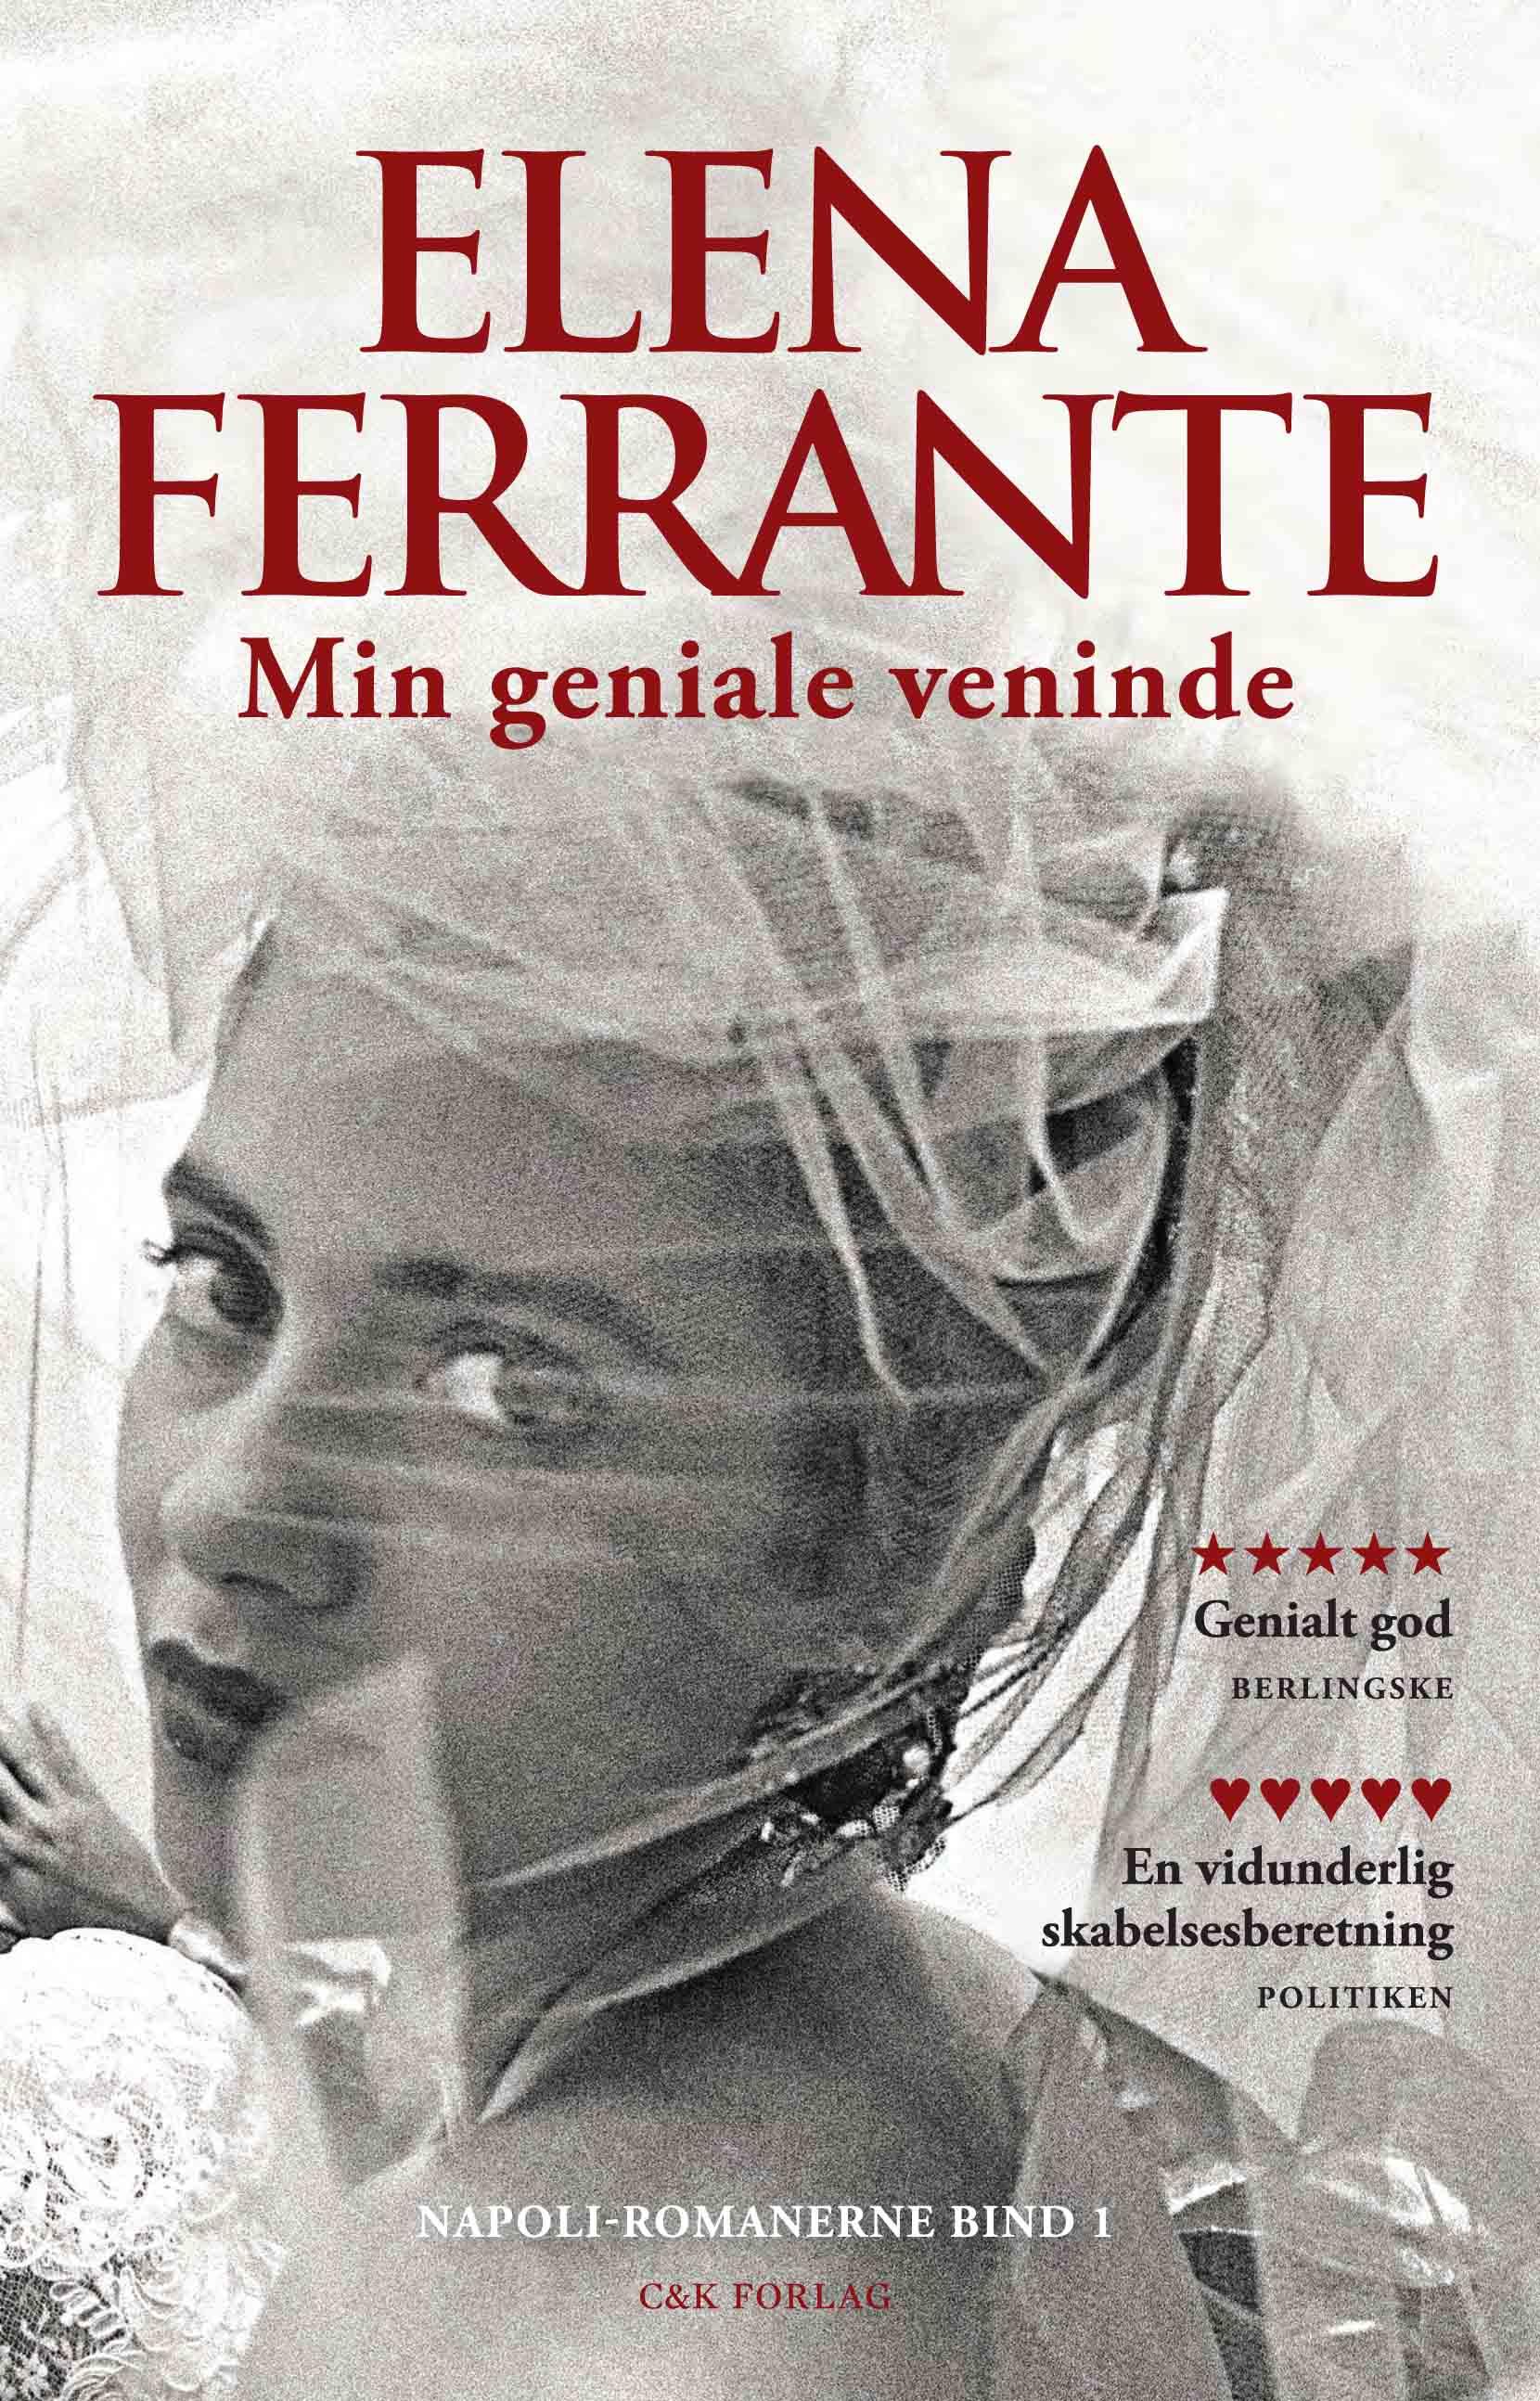 Min geniale veninde - Elena Ferrante - Bøger - C & K - 9788740044584 - October 5, 2017